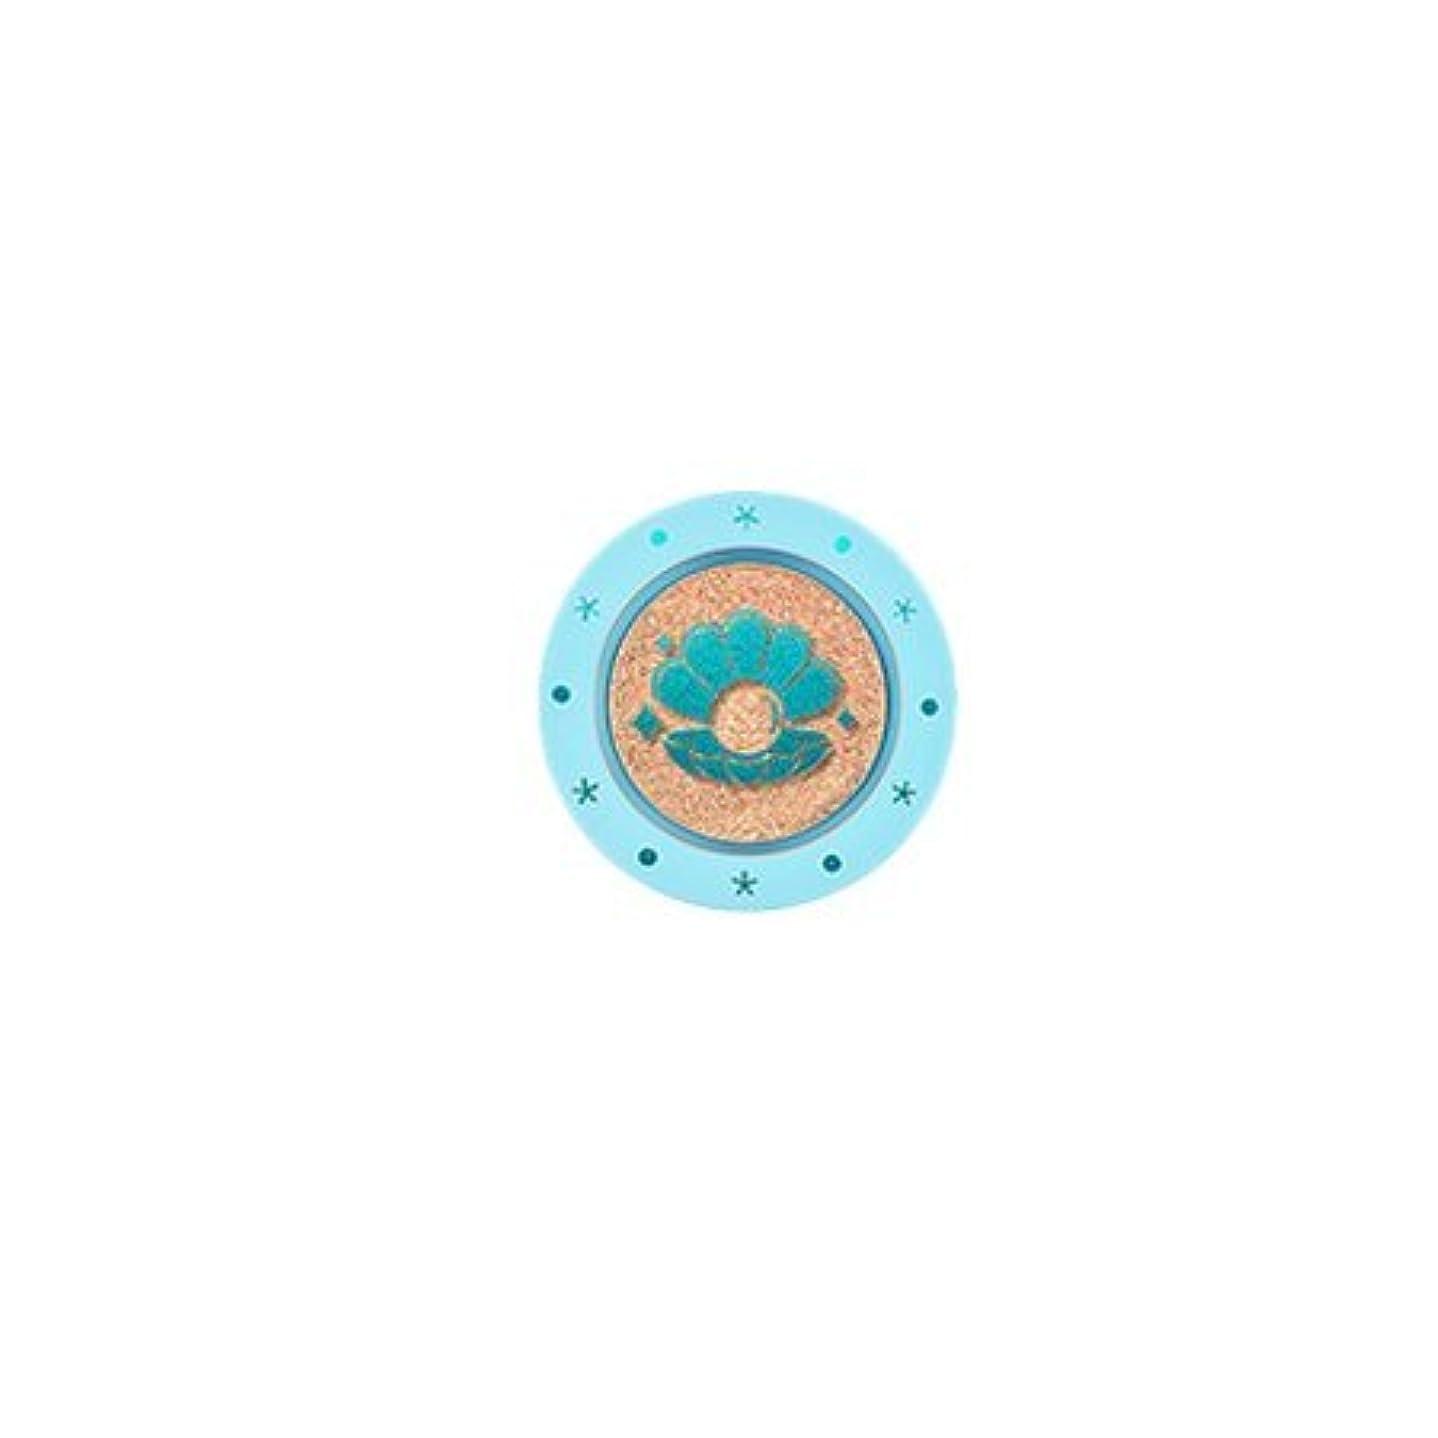 デマンド高揚した本物アリタウム マーメイド コレクション モノ アイズ 1.4g / ARITAUM Mono Eyes Mermaid Collection (# S25 Gold Glow) [並行輸入品]